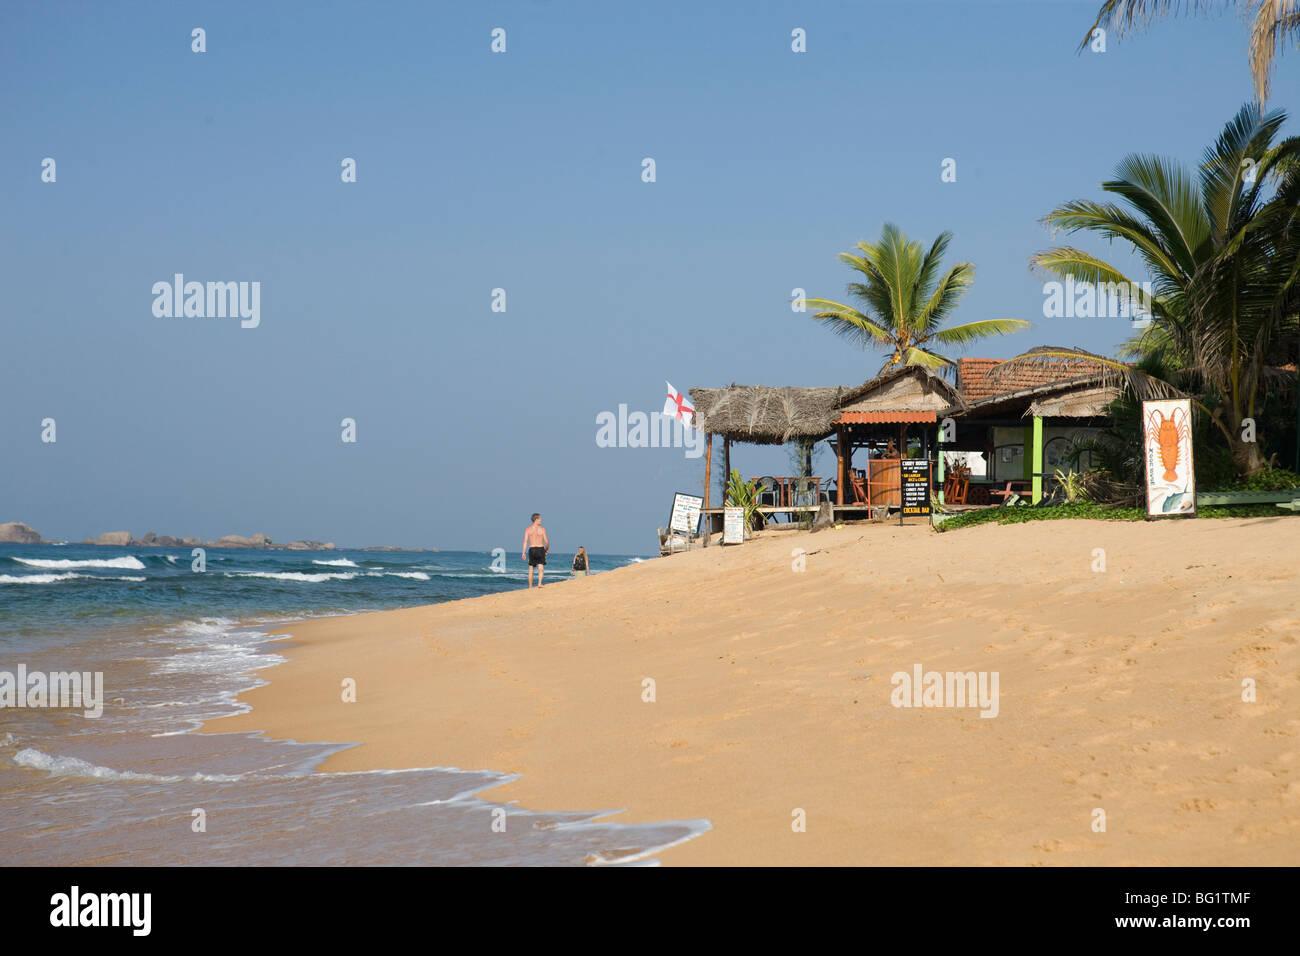 Hikkaduwa Beach, Sri Lanka Stock Photo